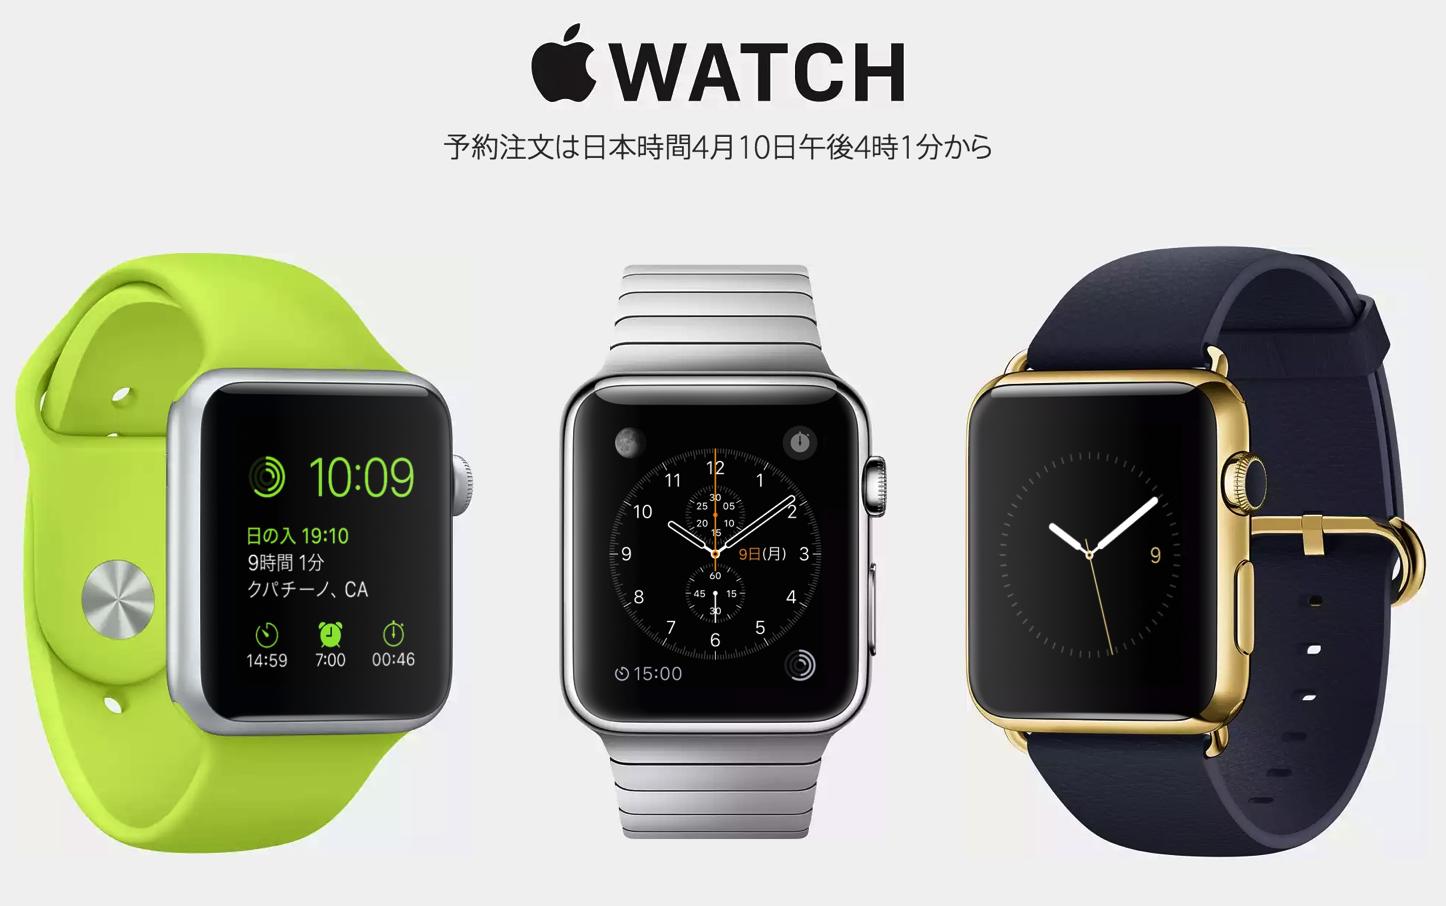 Apple Watch in Japan